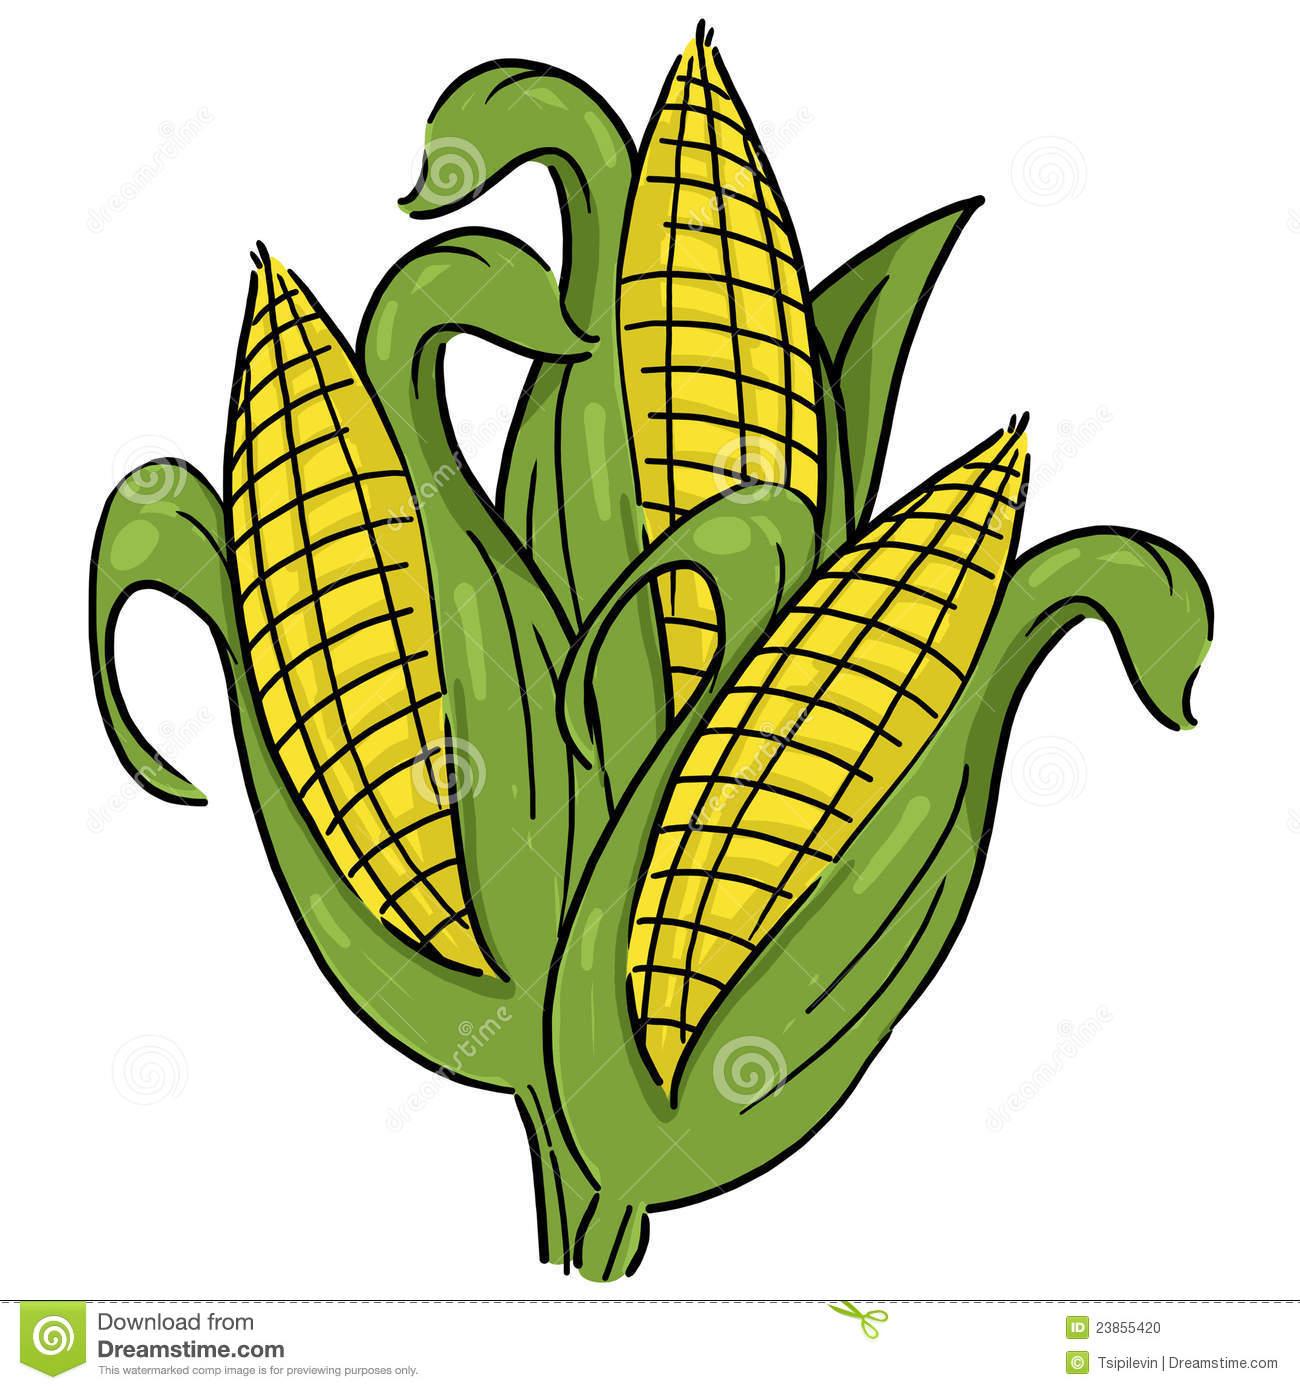 Maize clipart #11